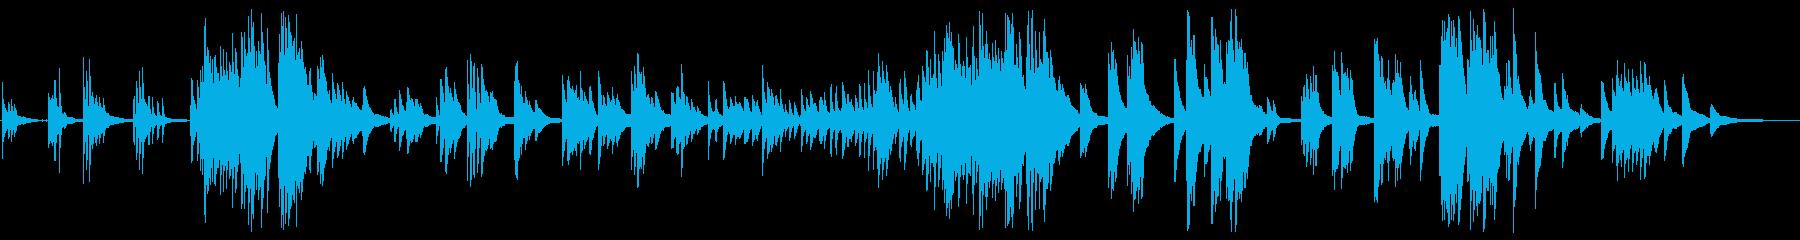 綺麗で力強い響きあるピアノメロディーの再生済みの波形